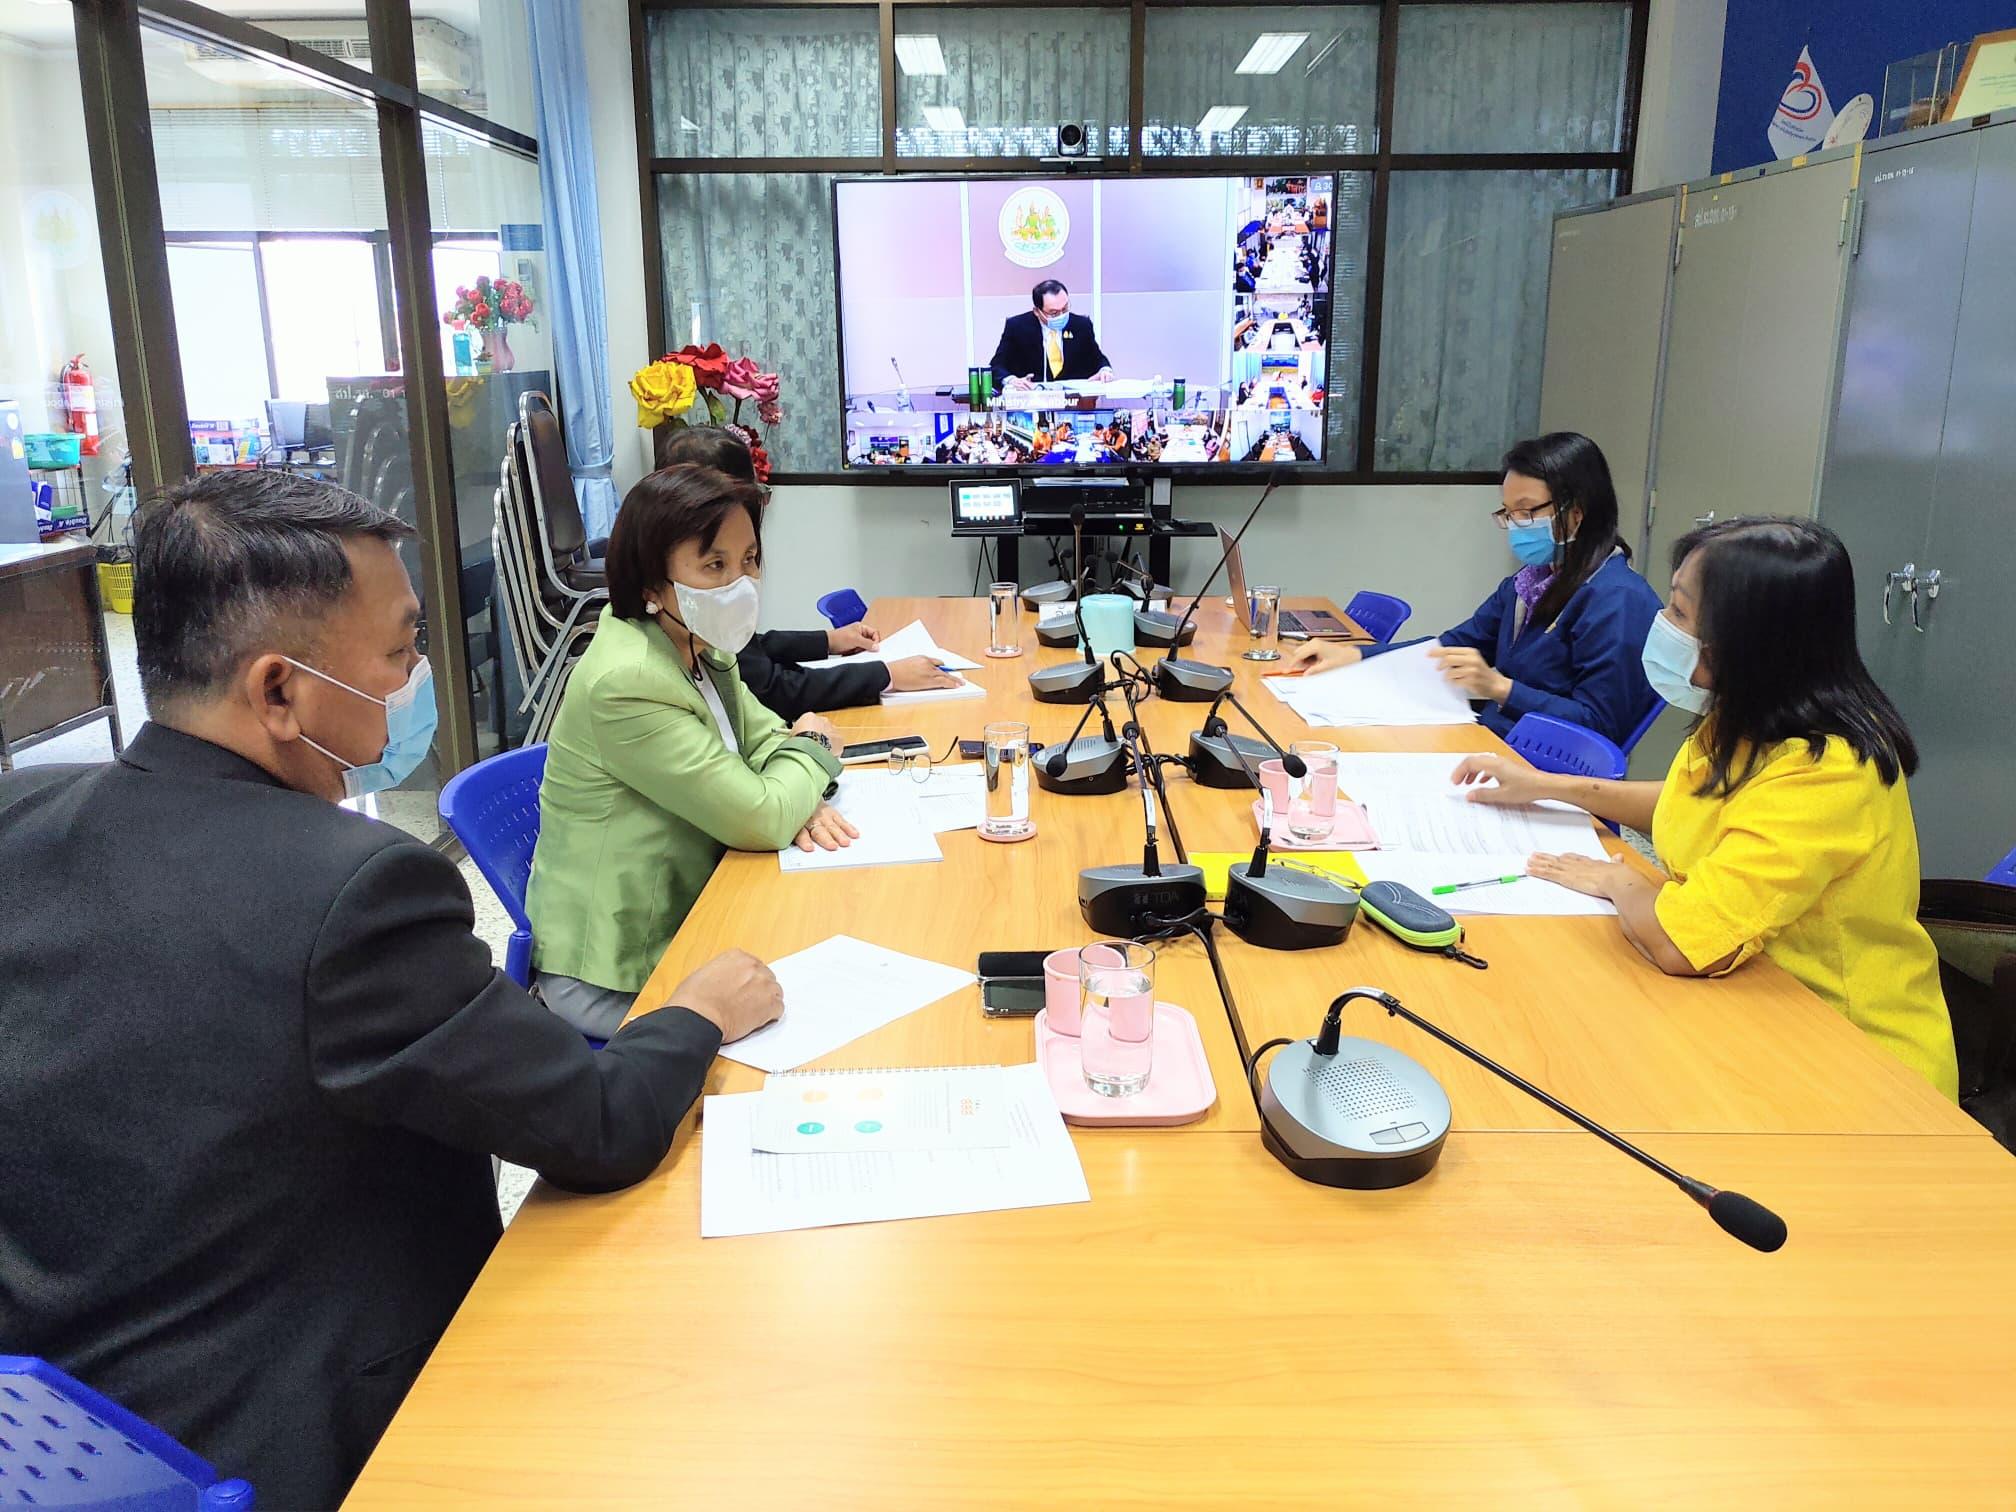 เข้าร่วมประชุมผ่านระบบประชุมทางไกล (Video Conference)